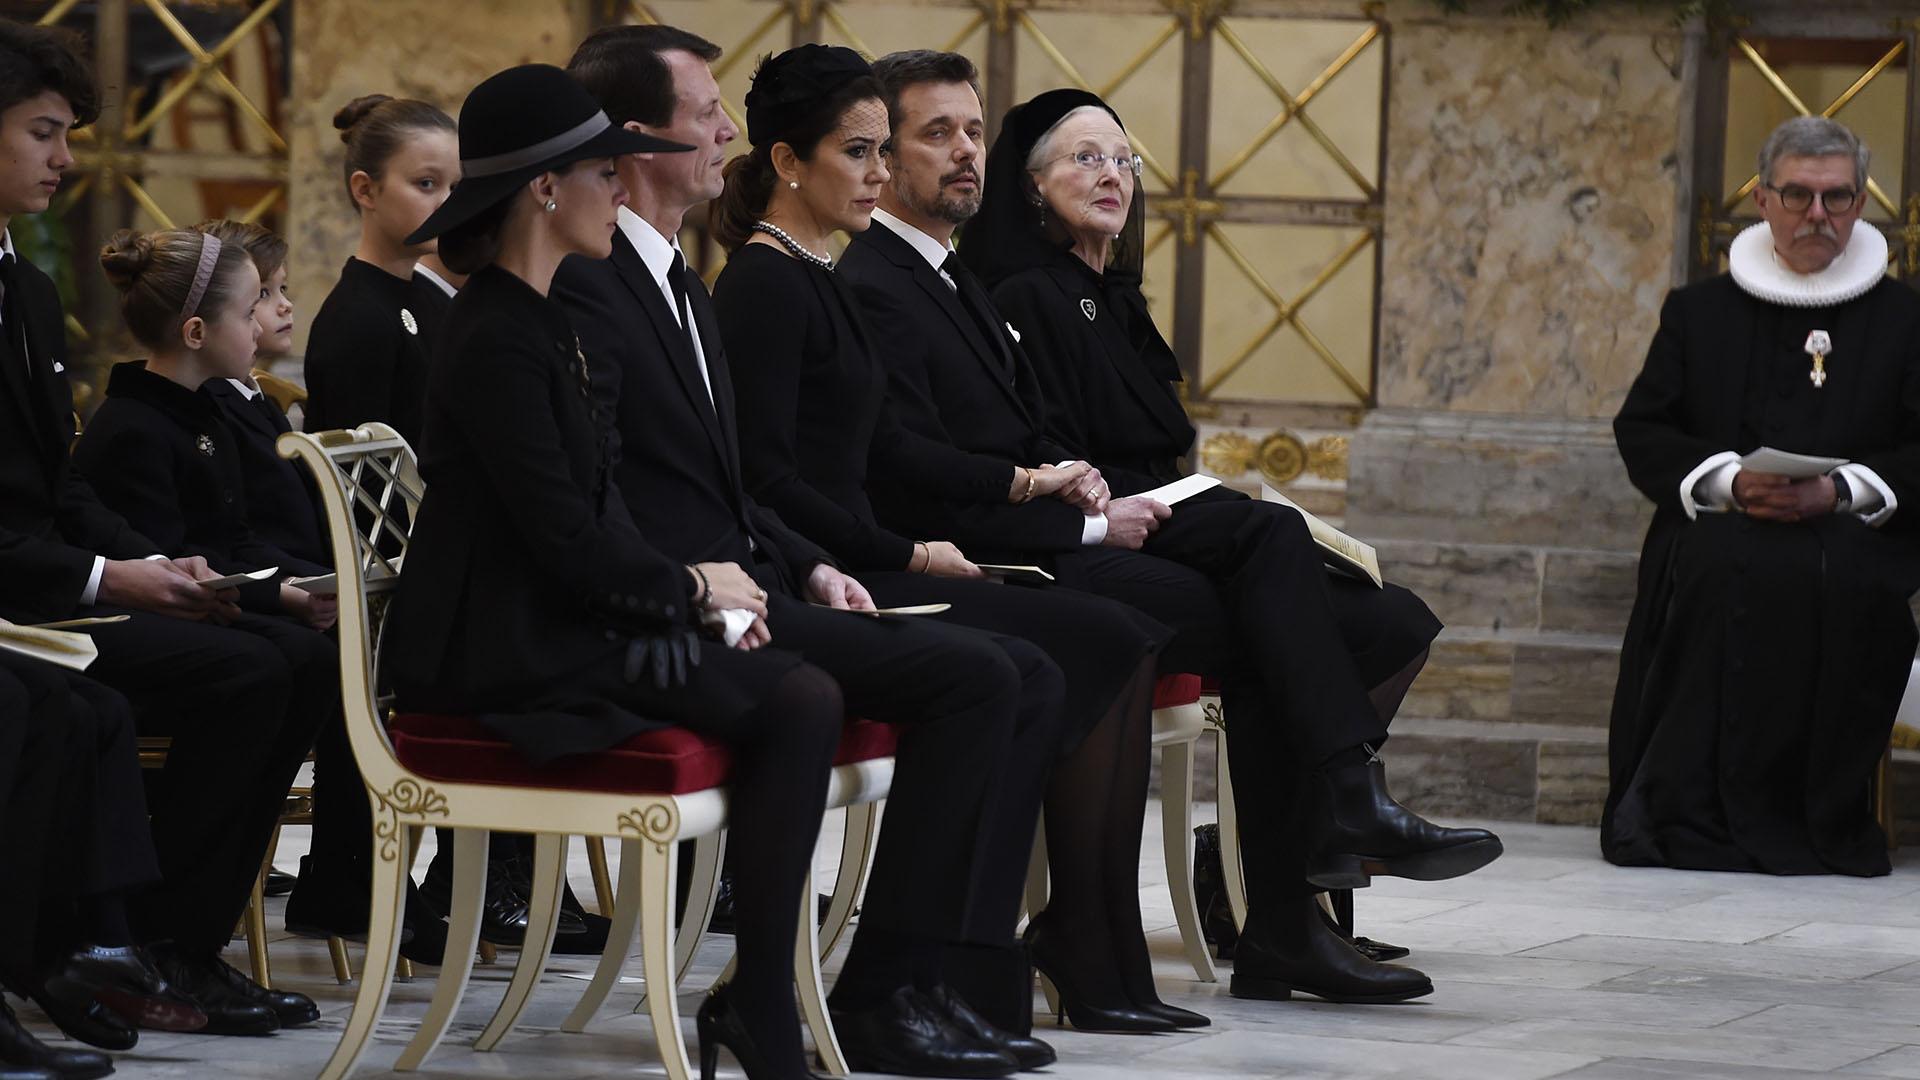 La reina Margarita junto a sus hijos y sus esposas durante el servicio religioso privado, que a pesar de ser extremadamente íntimo, que fue televisado